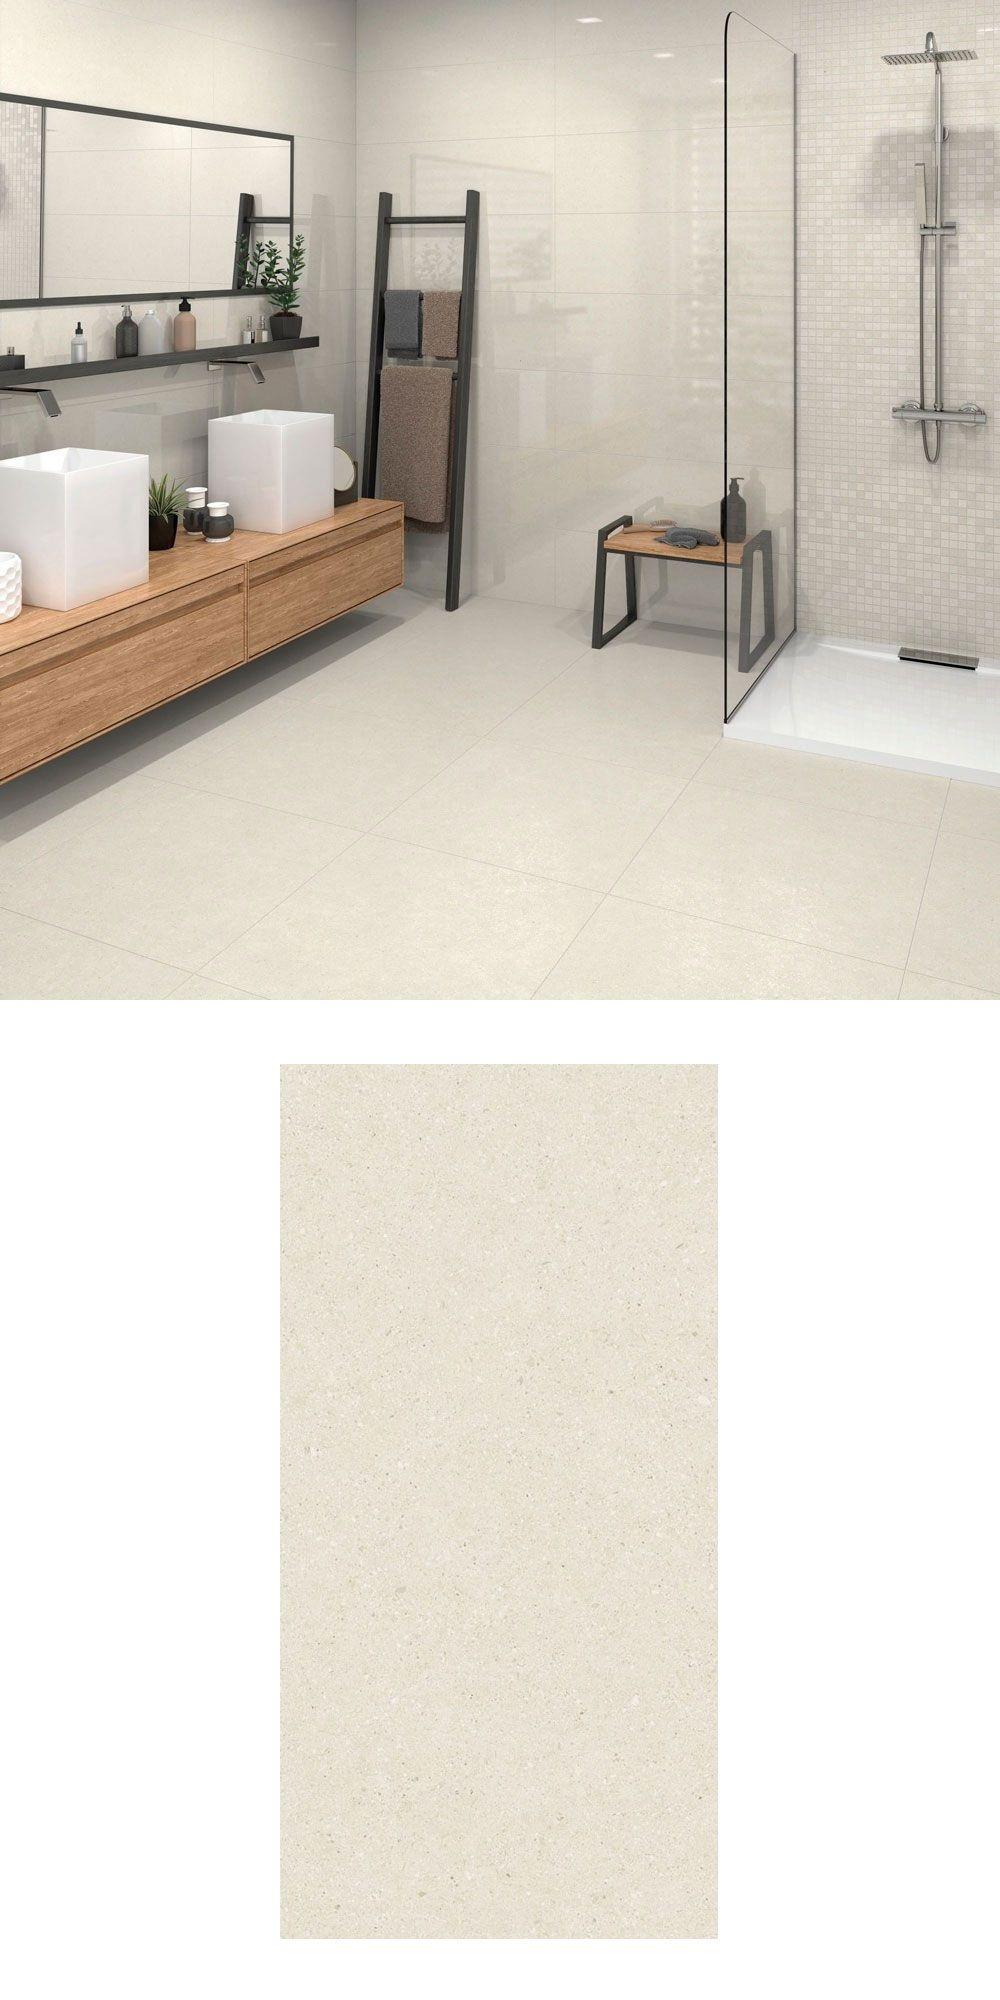 Troverta Cream Gloss 60x30 Tiles Tiles Wall Spaces Home Decor